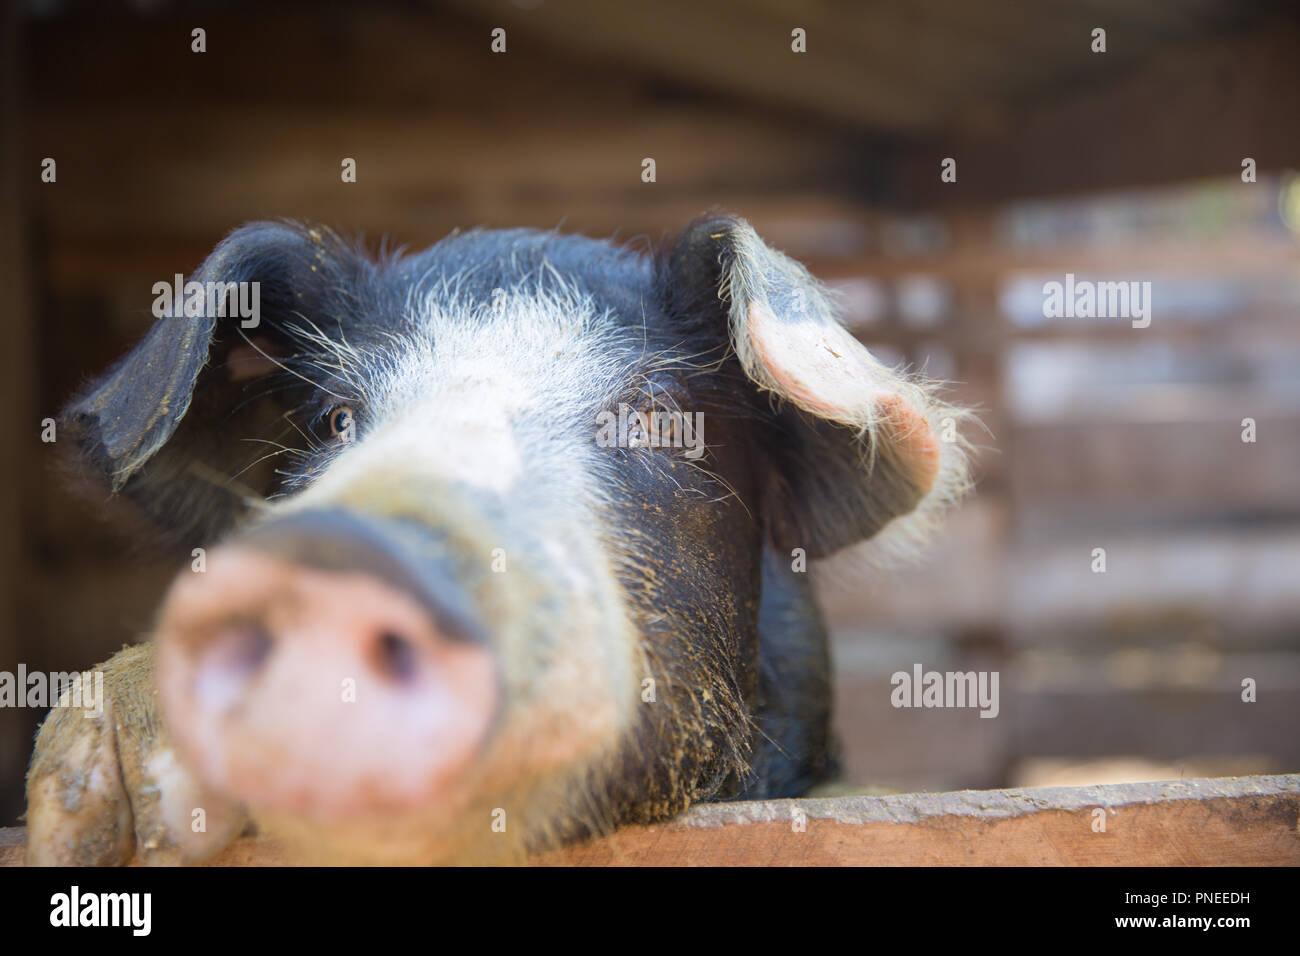 Cochon dans le stylo. L'accent est sur l'œil. Profondeur de champ. Photo Stock